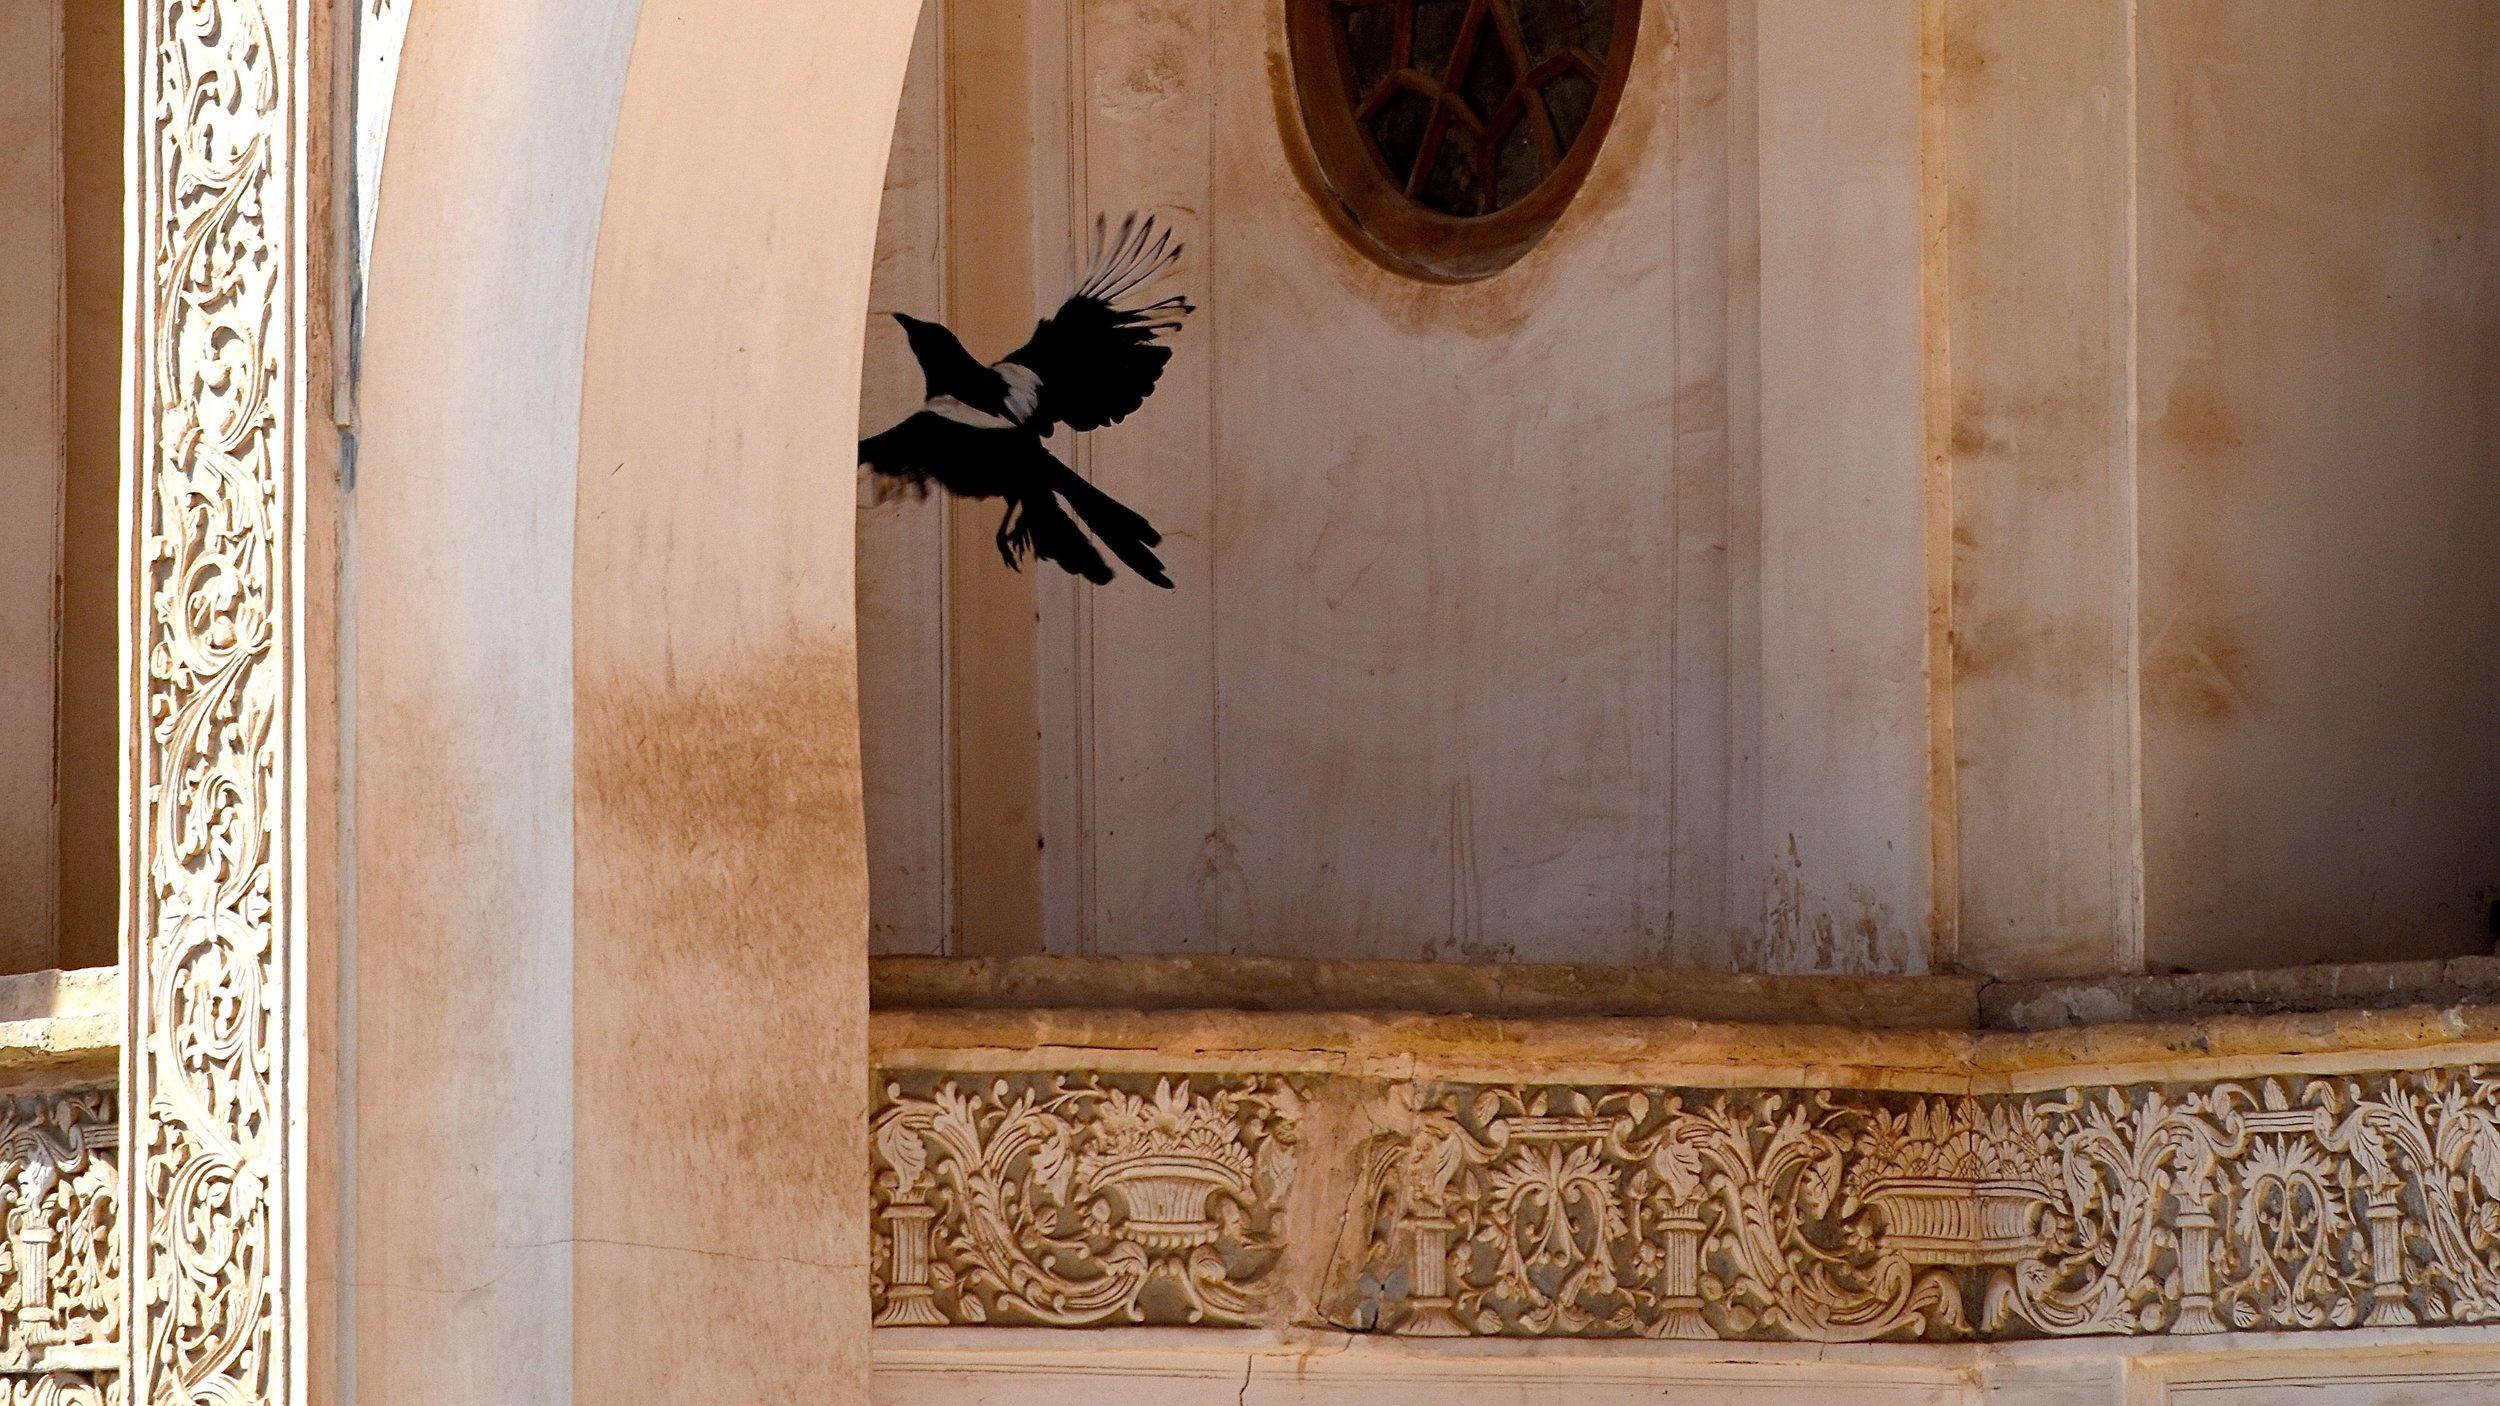 Iran-Kashan-mansion-bird